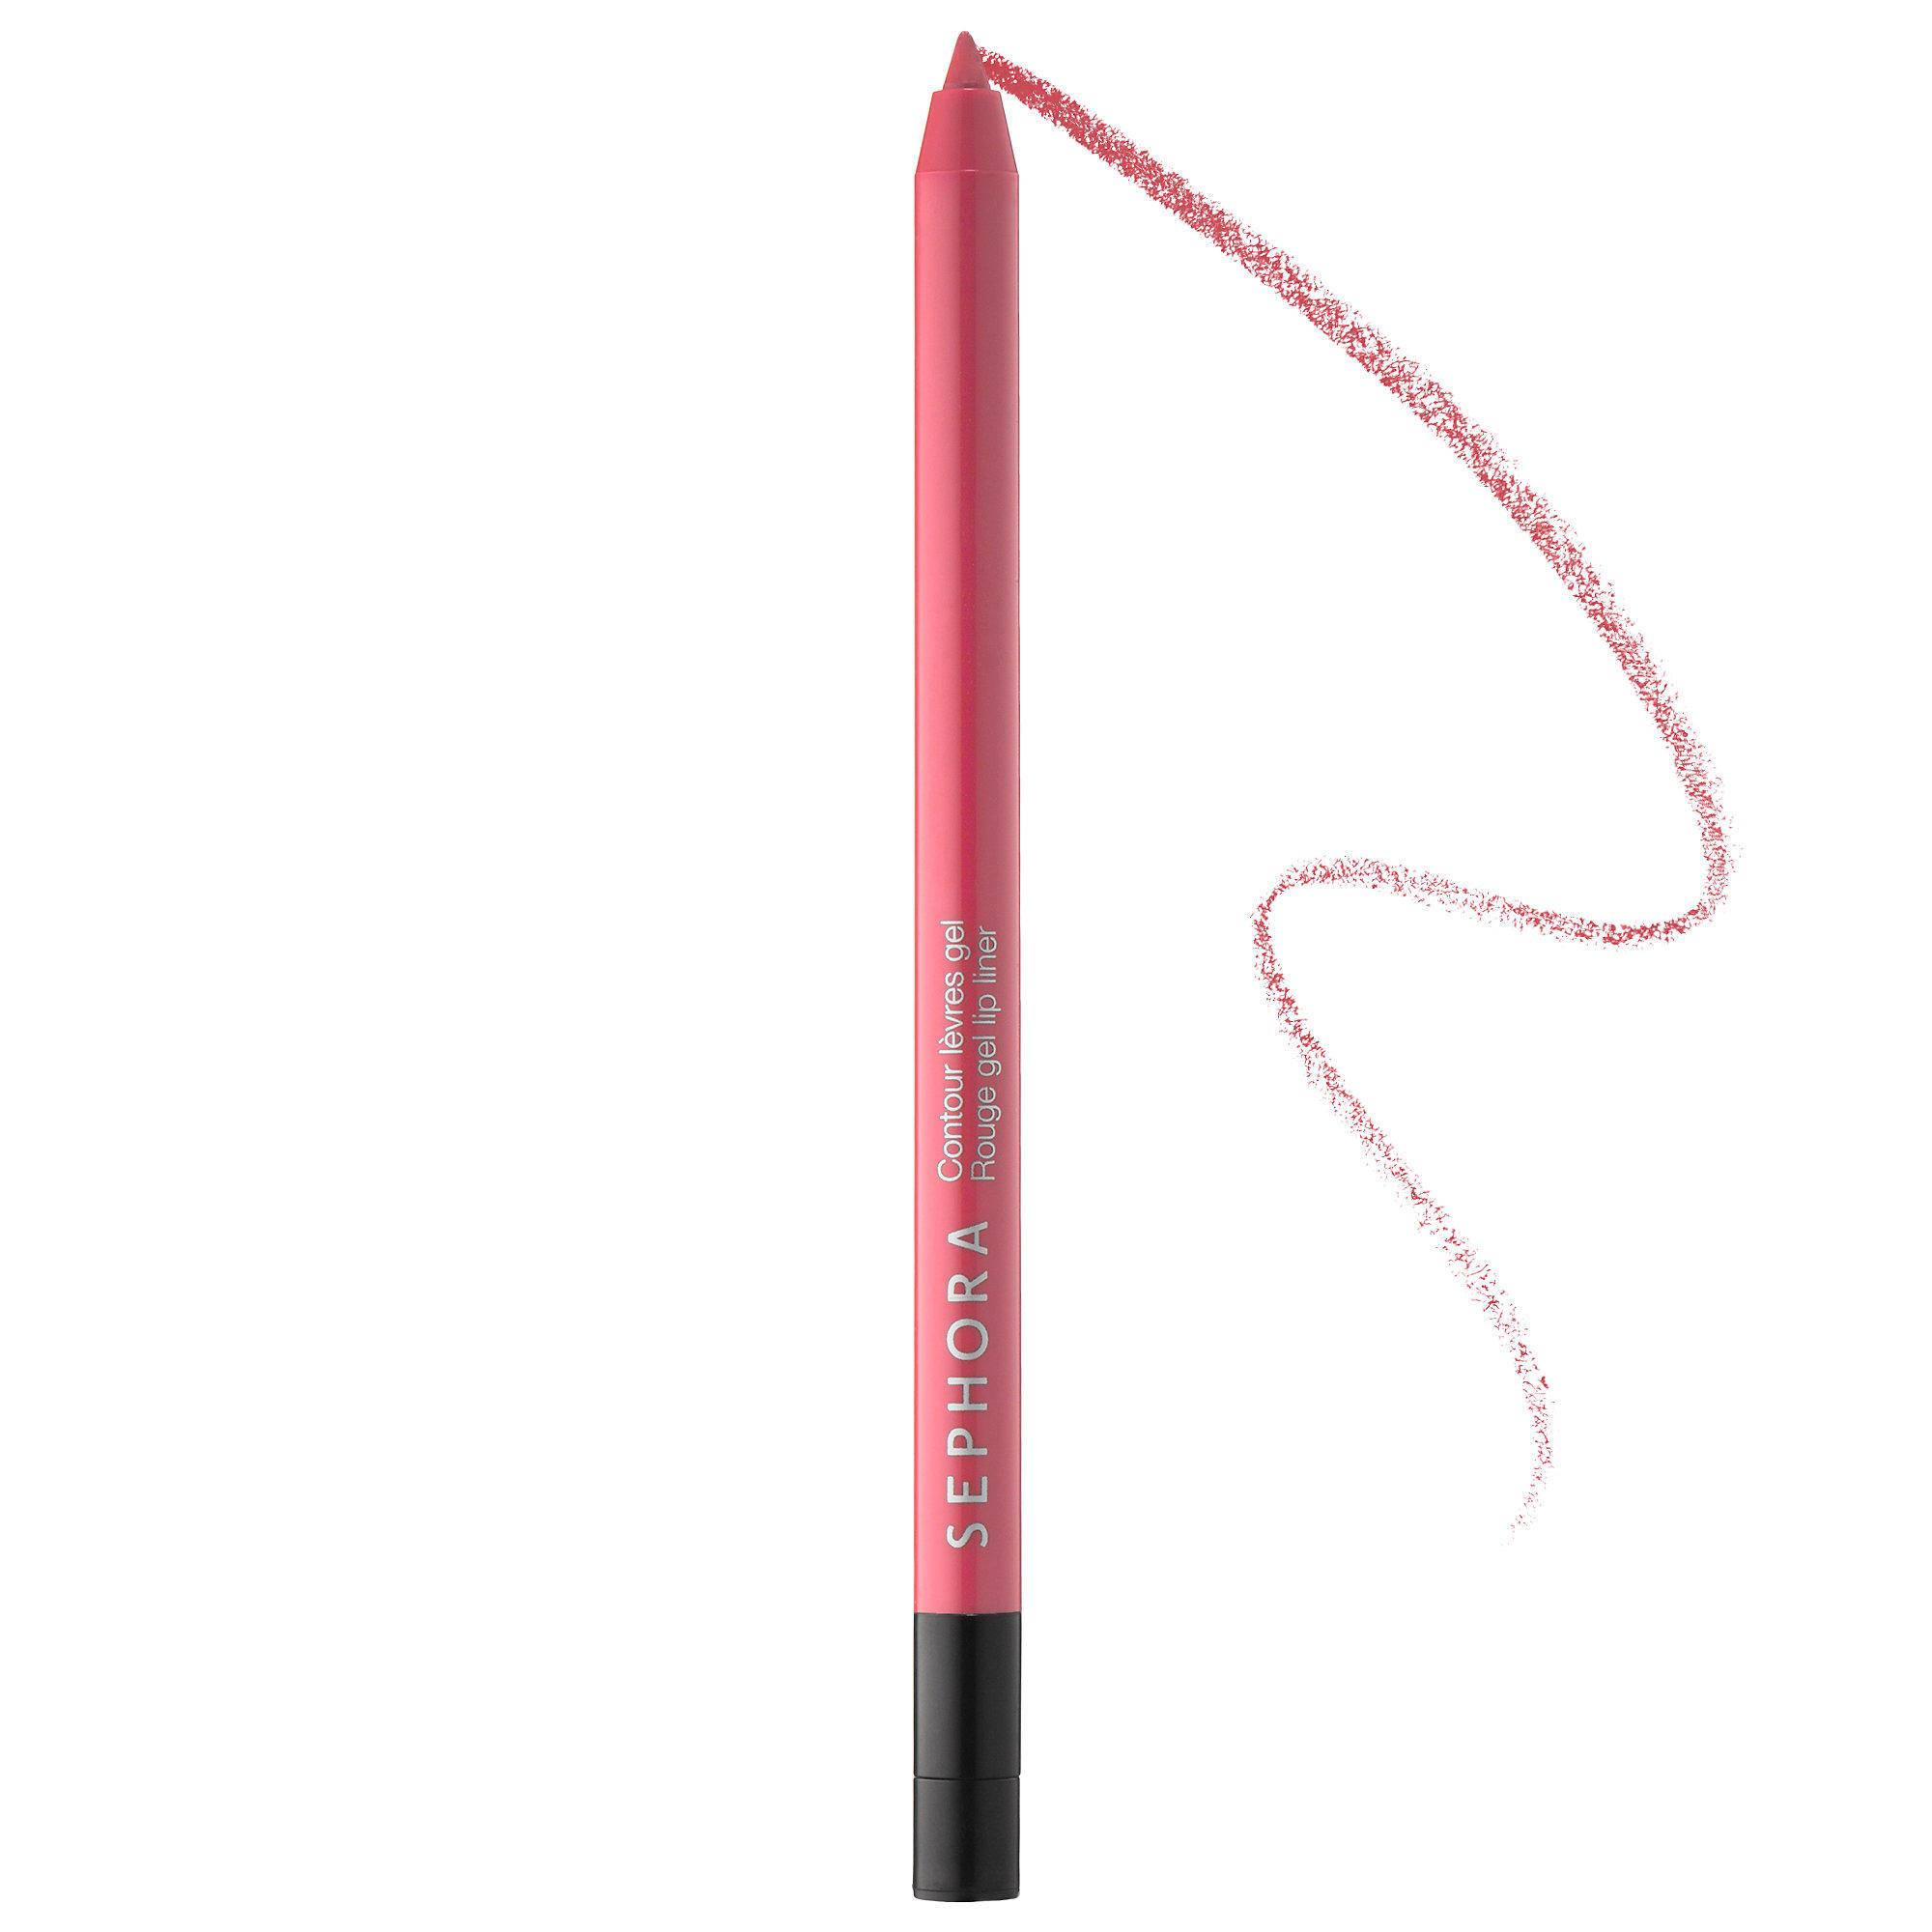 Sephora Rouge Gel Lip Liner Cashmere Pink 08